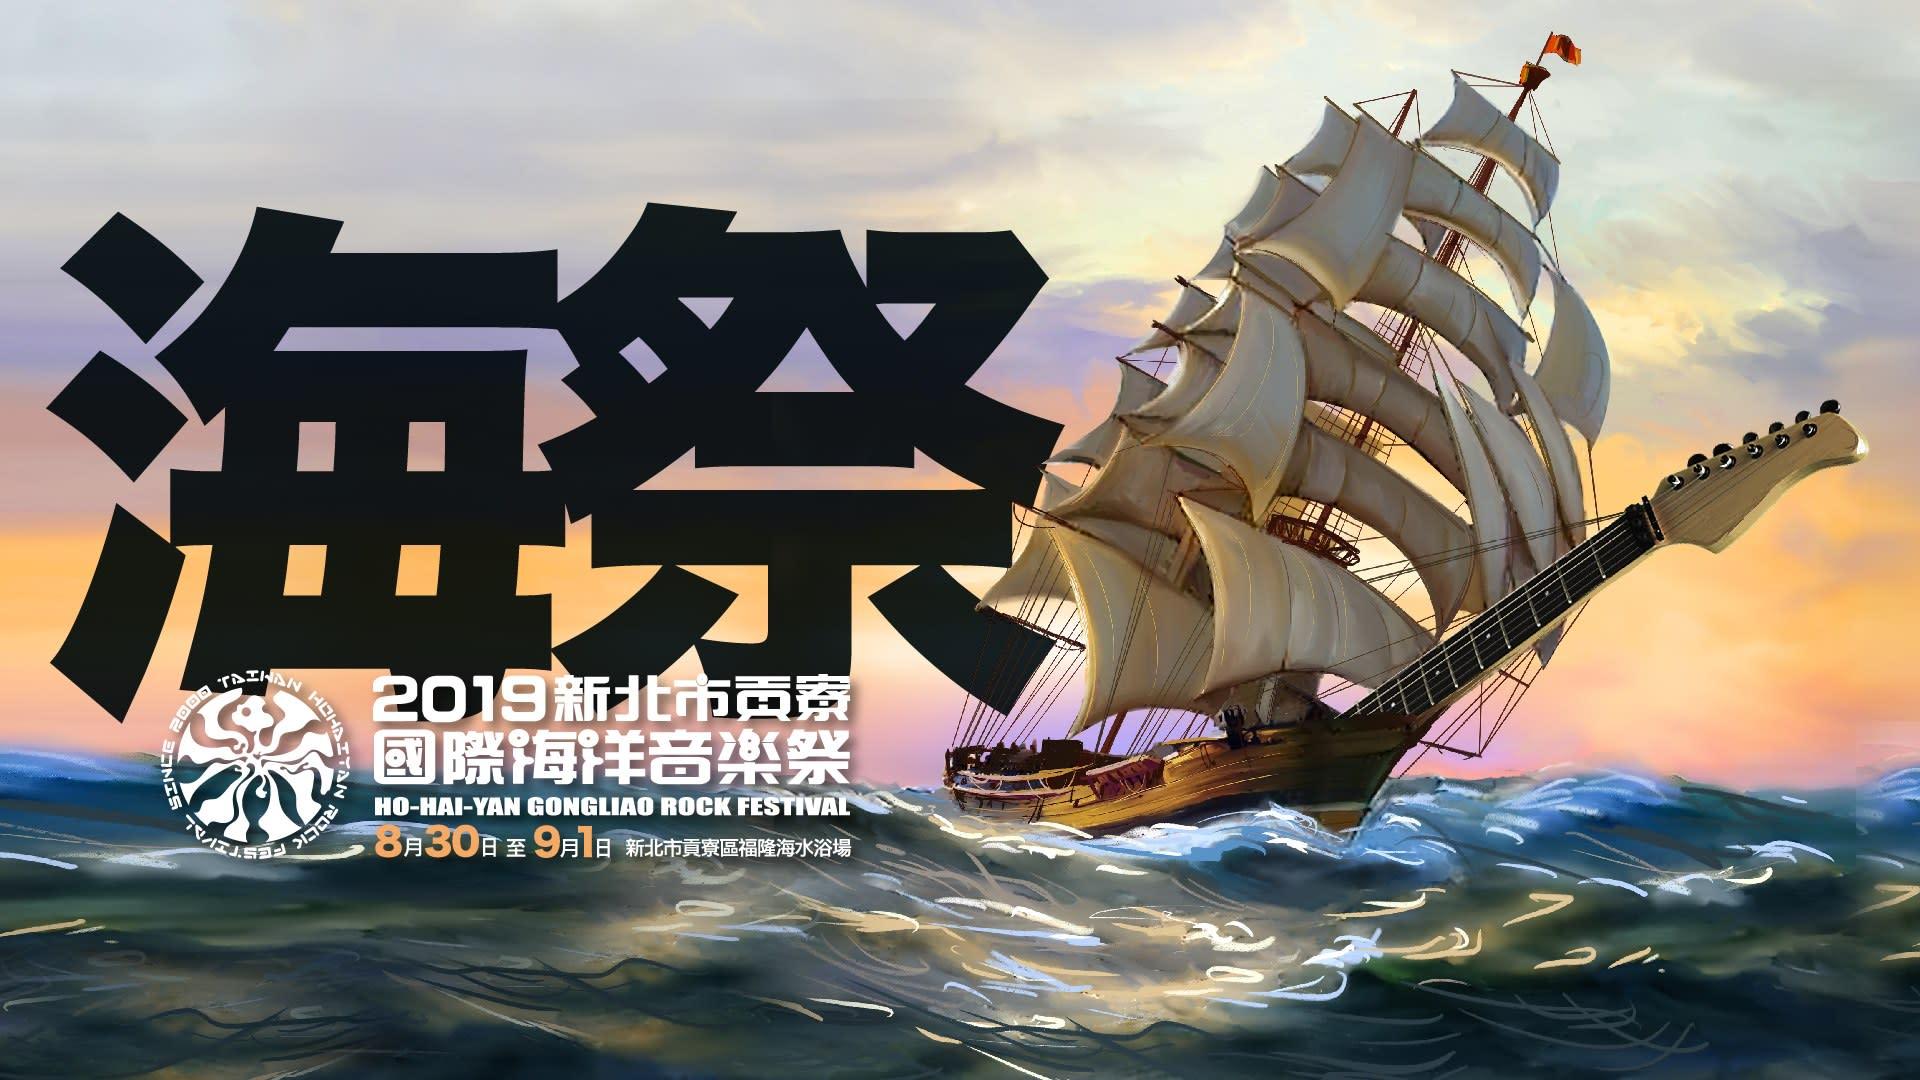 海洋音樂祭又來啦,你會關注嗎?